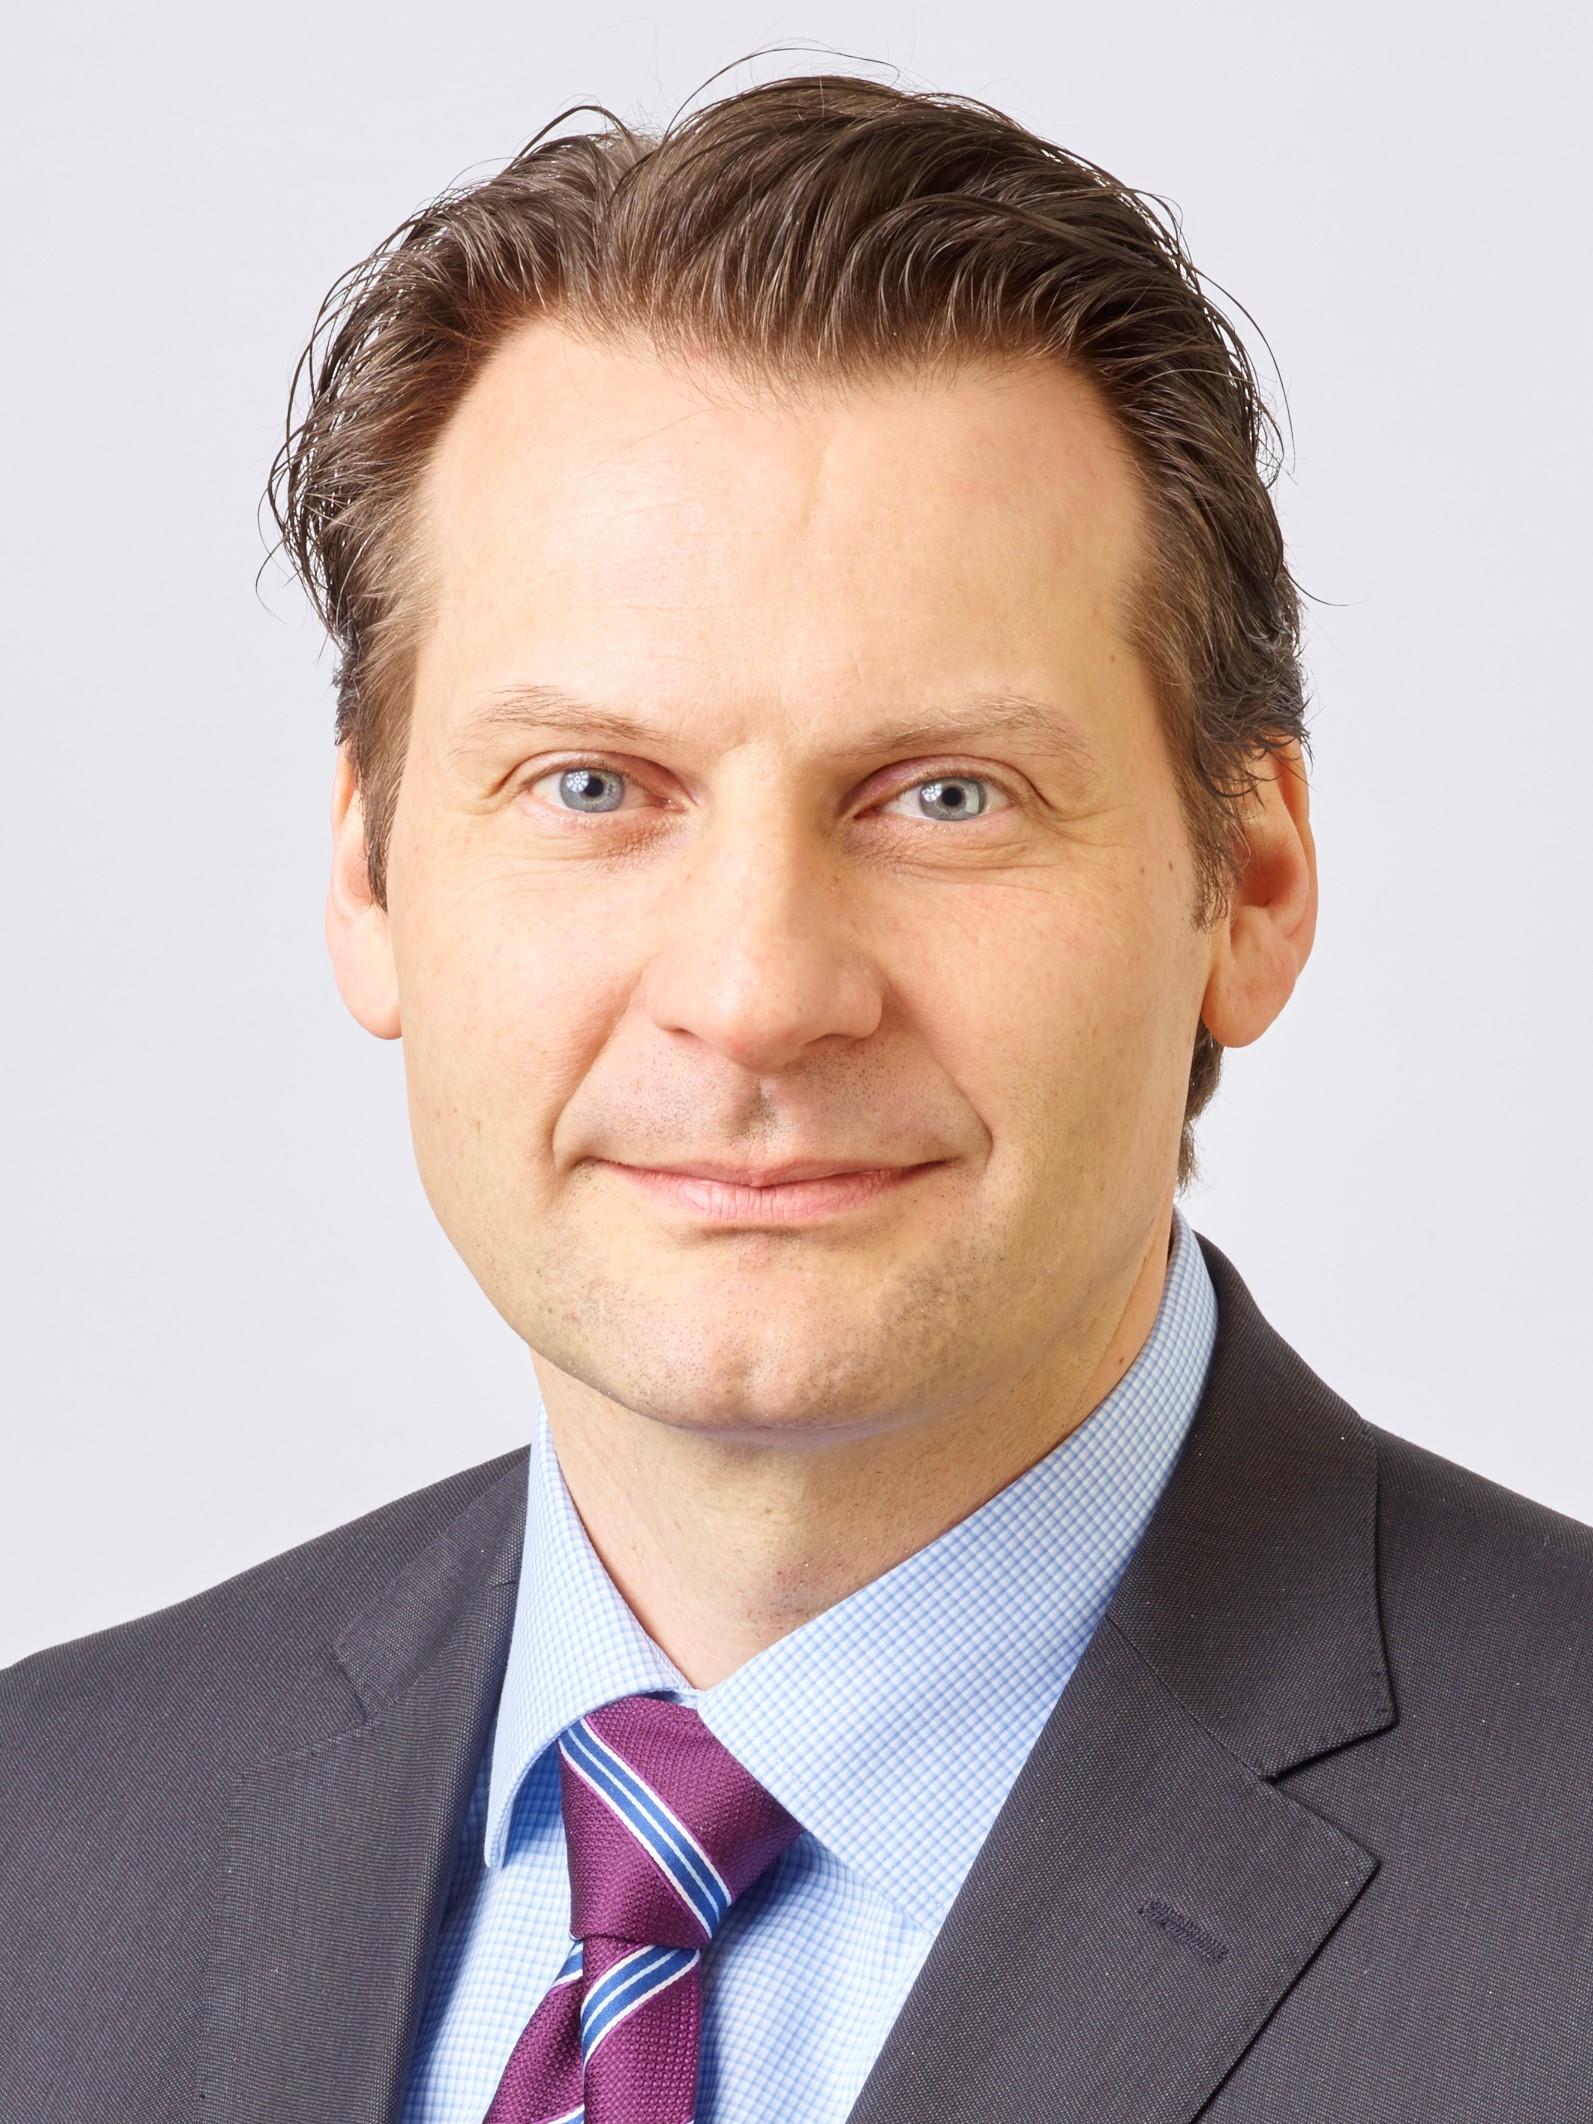 Senat wählt Prof. Dr. Andy Junker zum Prorektor für